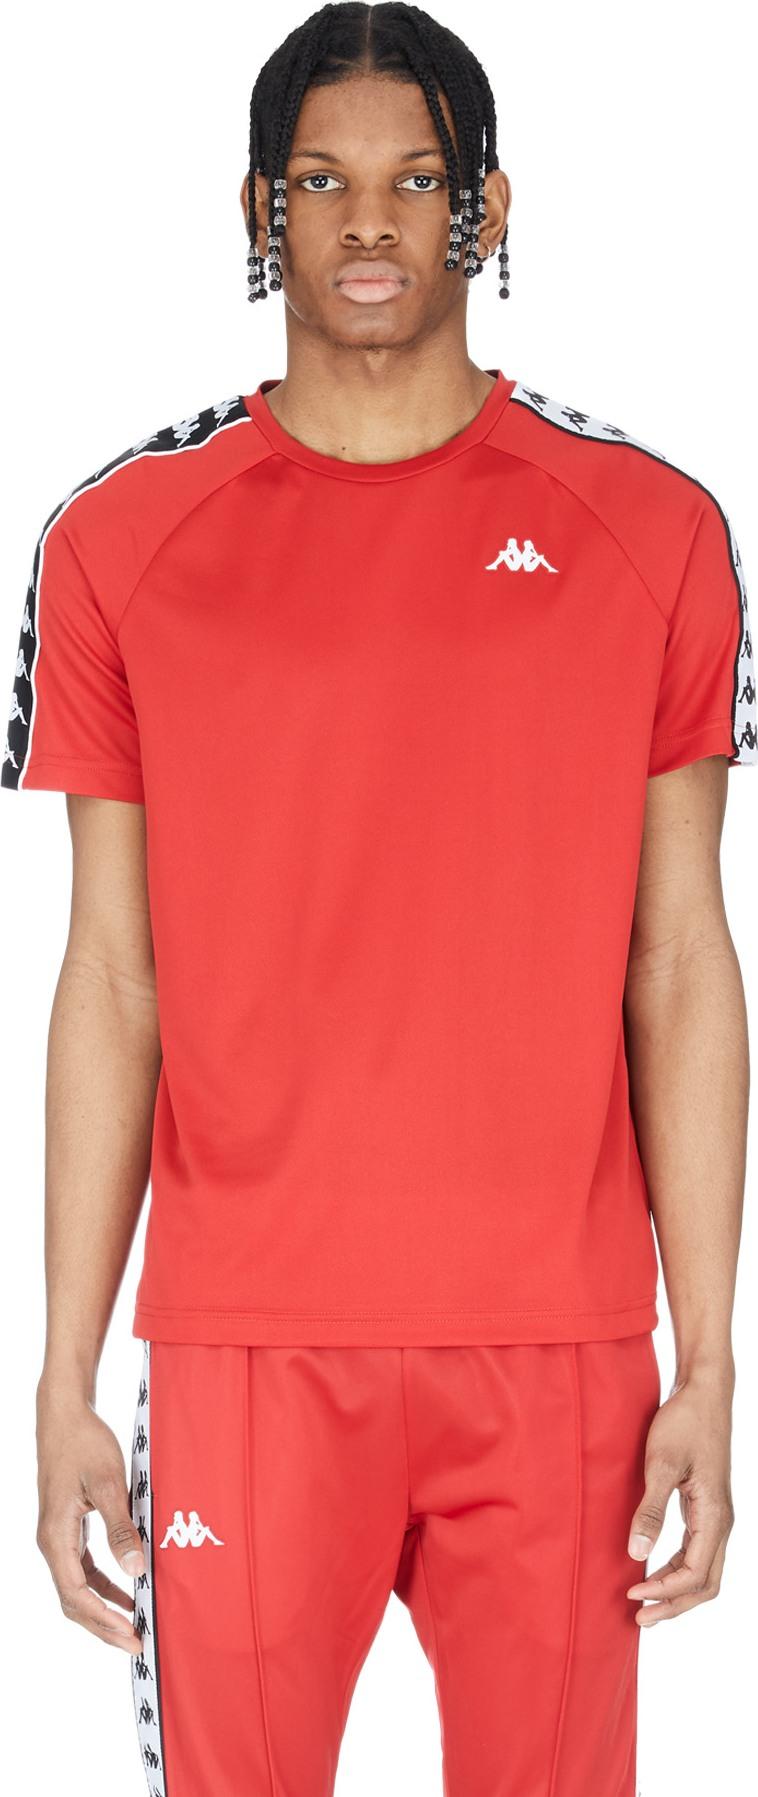 16d7eac29e Kappa - 222 Banda Coenly Slim T-Shirt - Red/Black/White